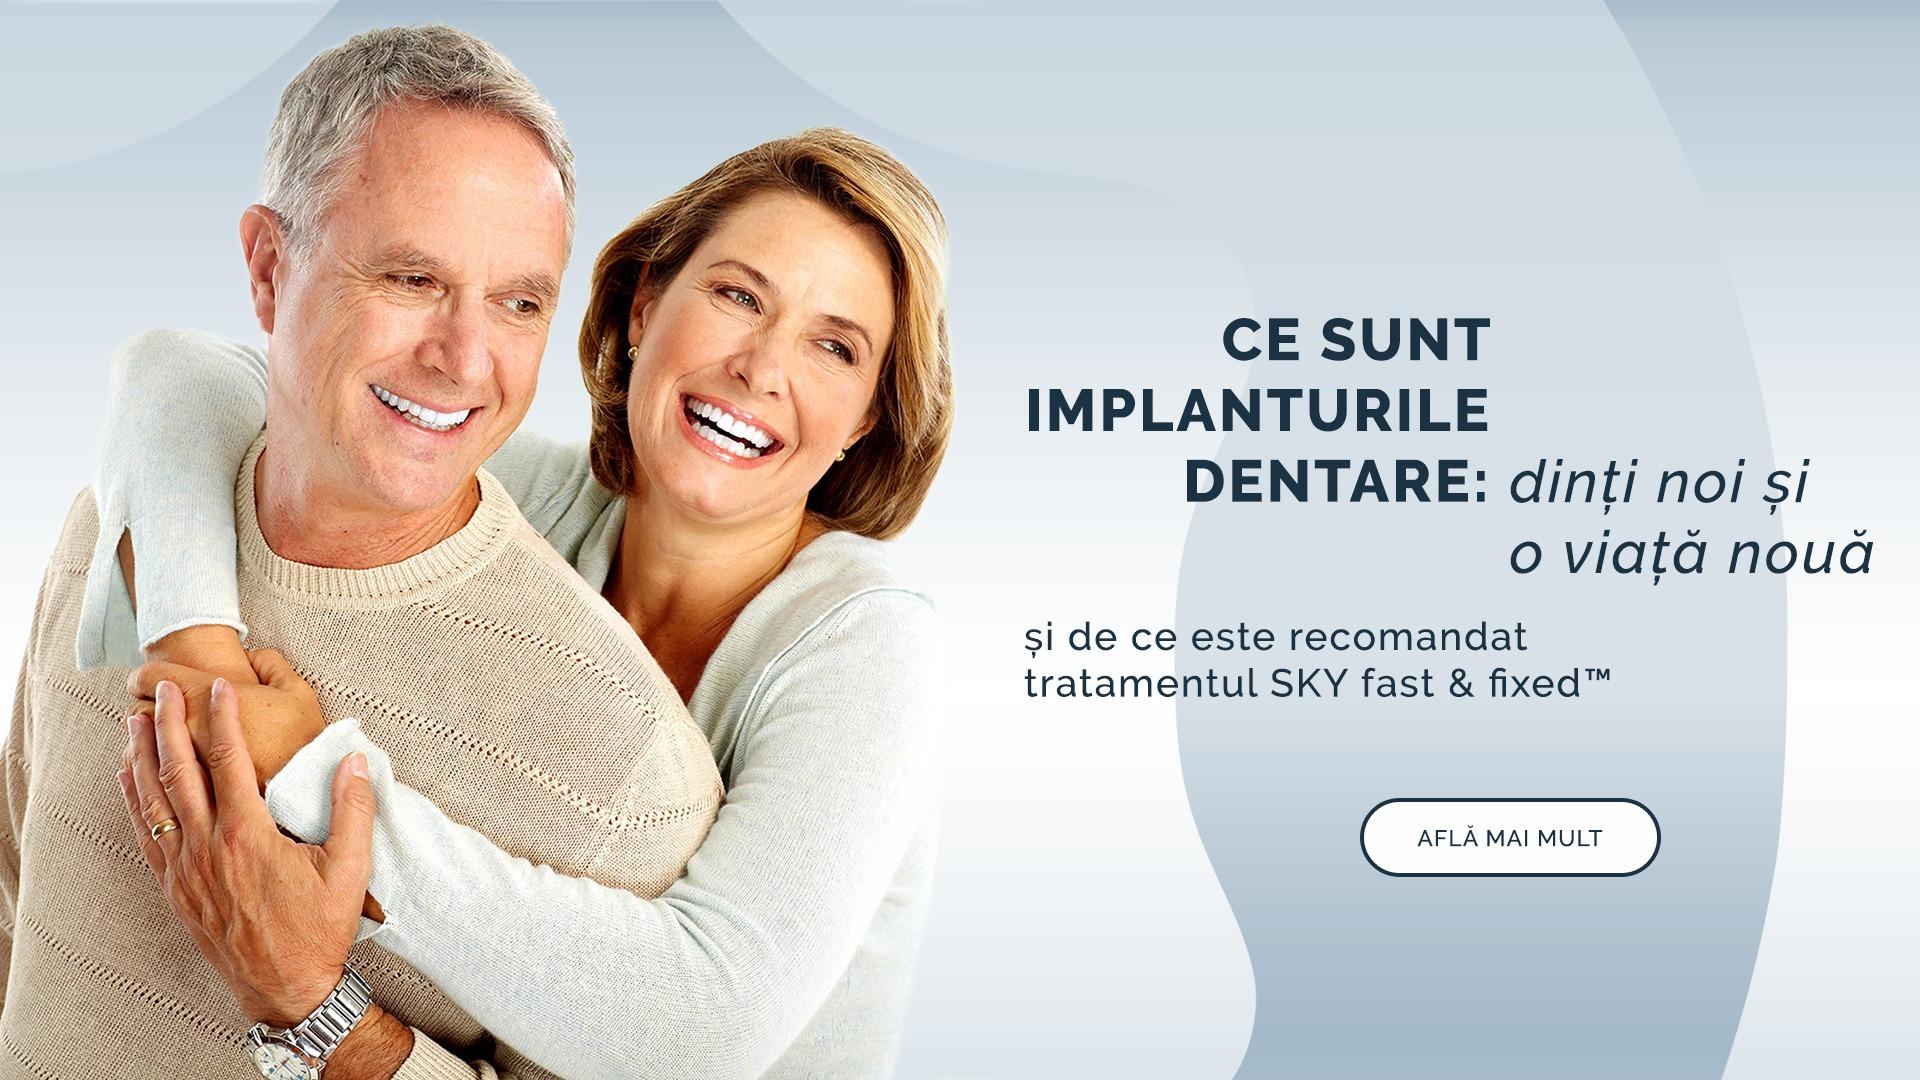 Slide 8 - ce sunt implanturile dentare?